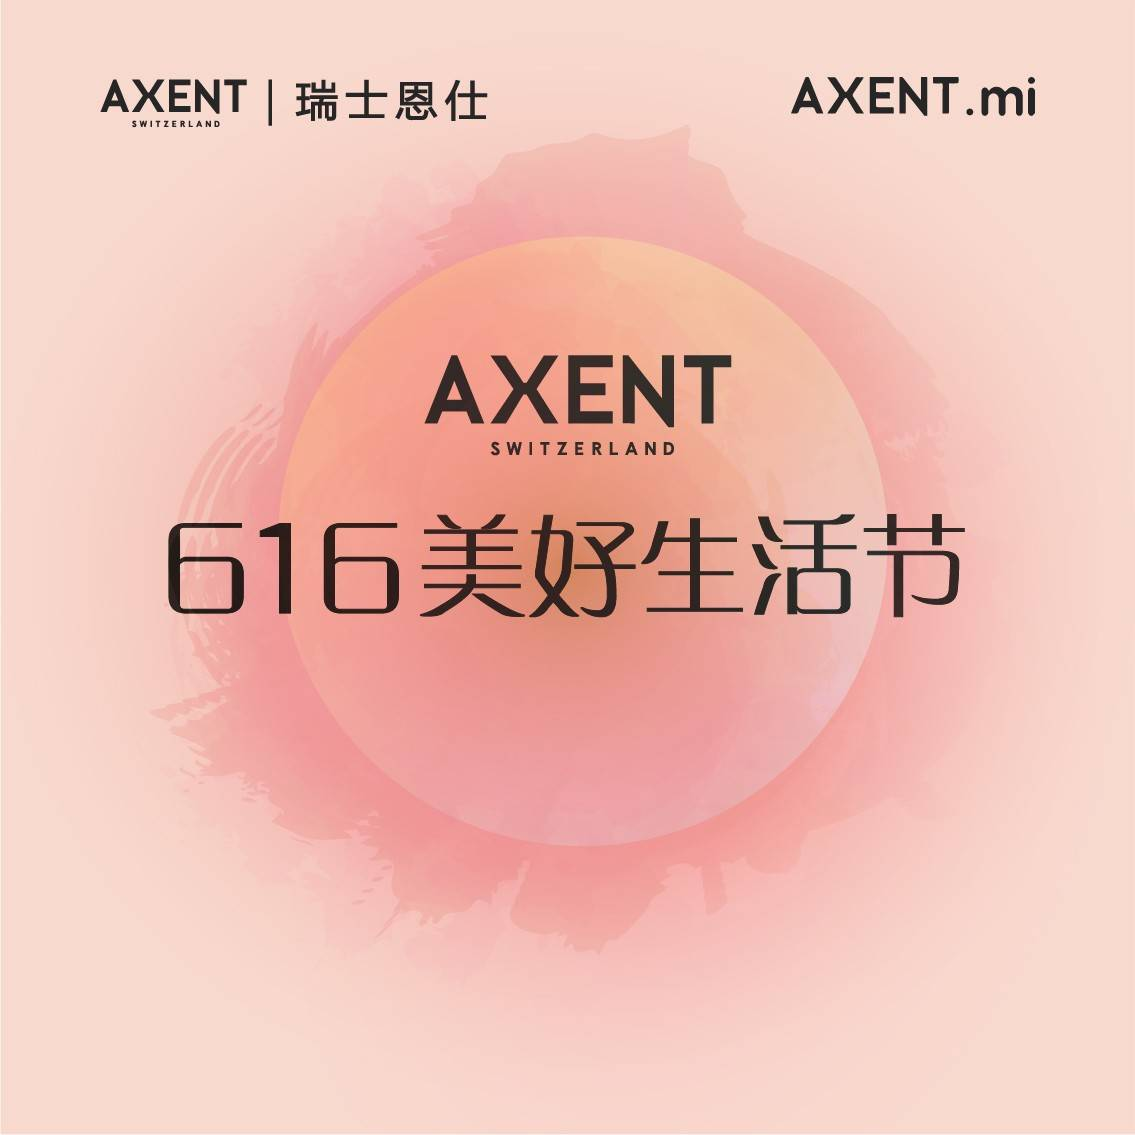 AXENT恩仕携手央视频五大平台,共创616美好生活节